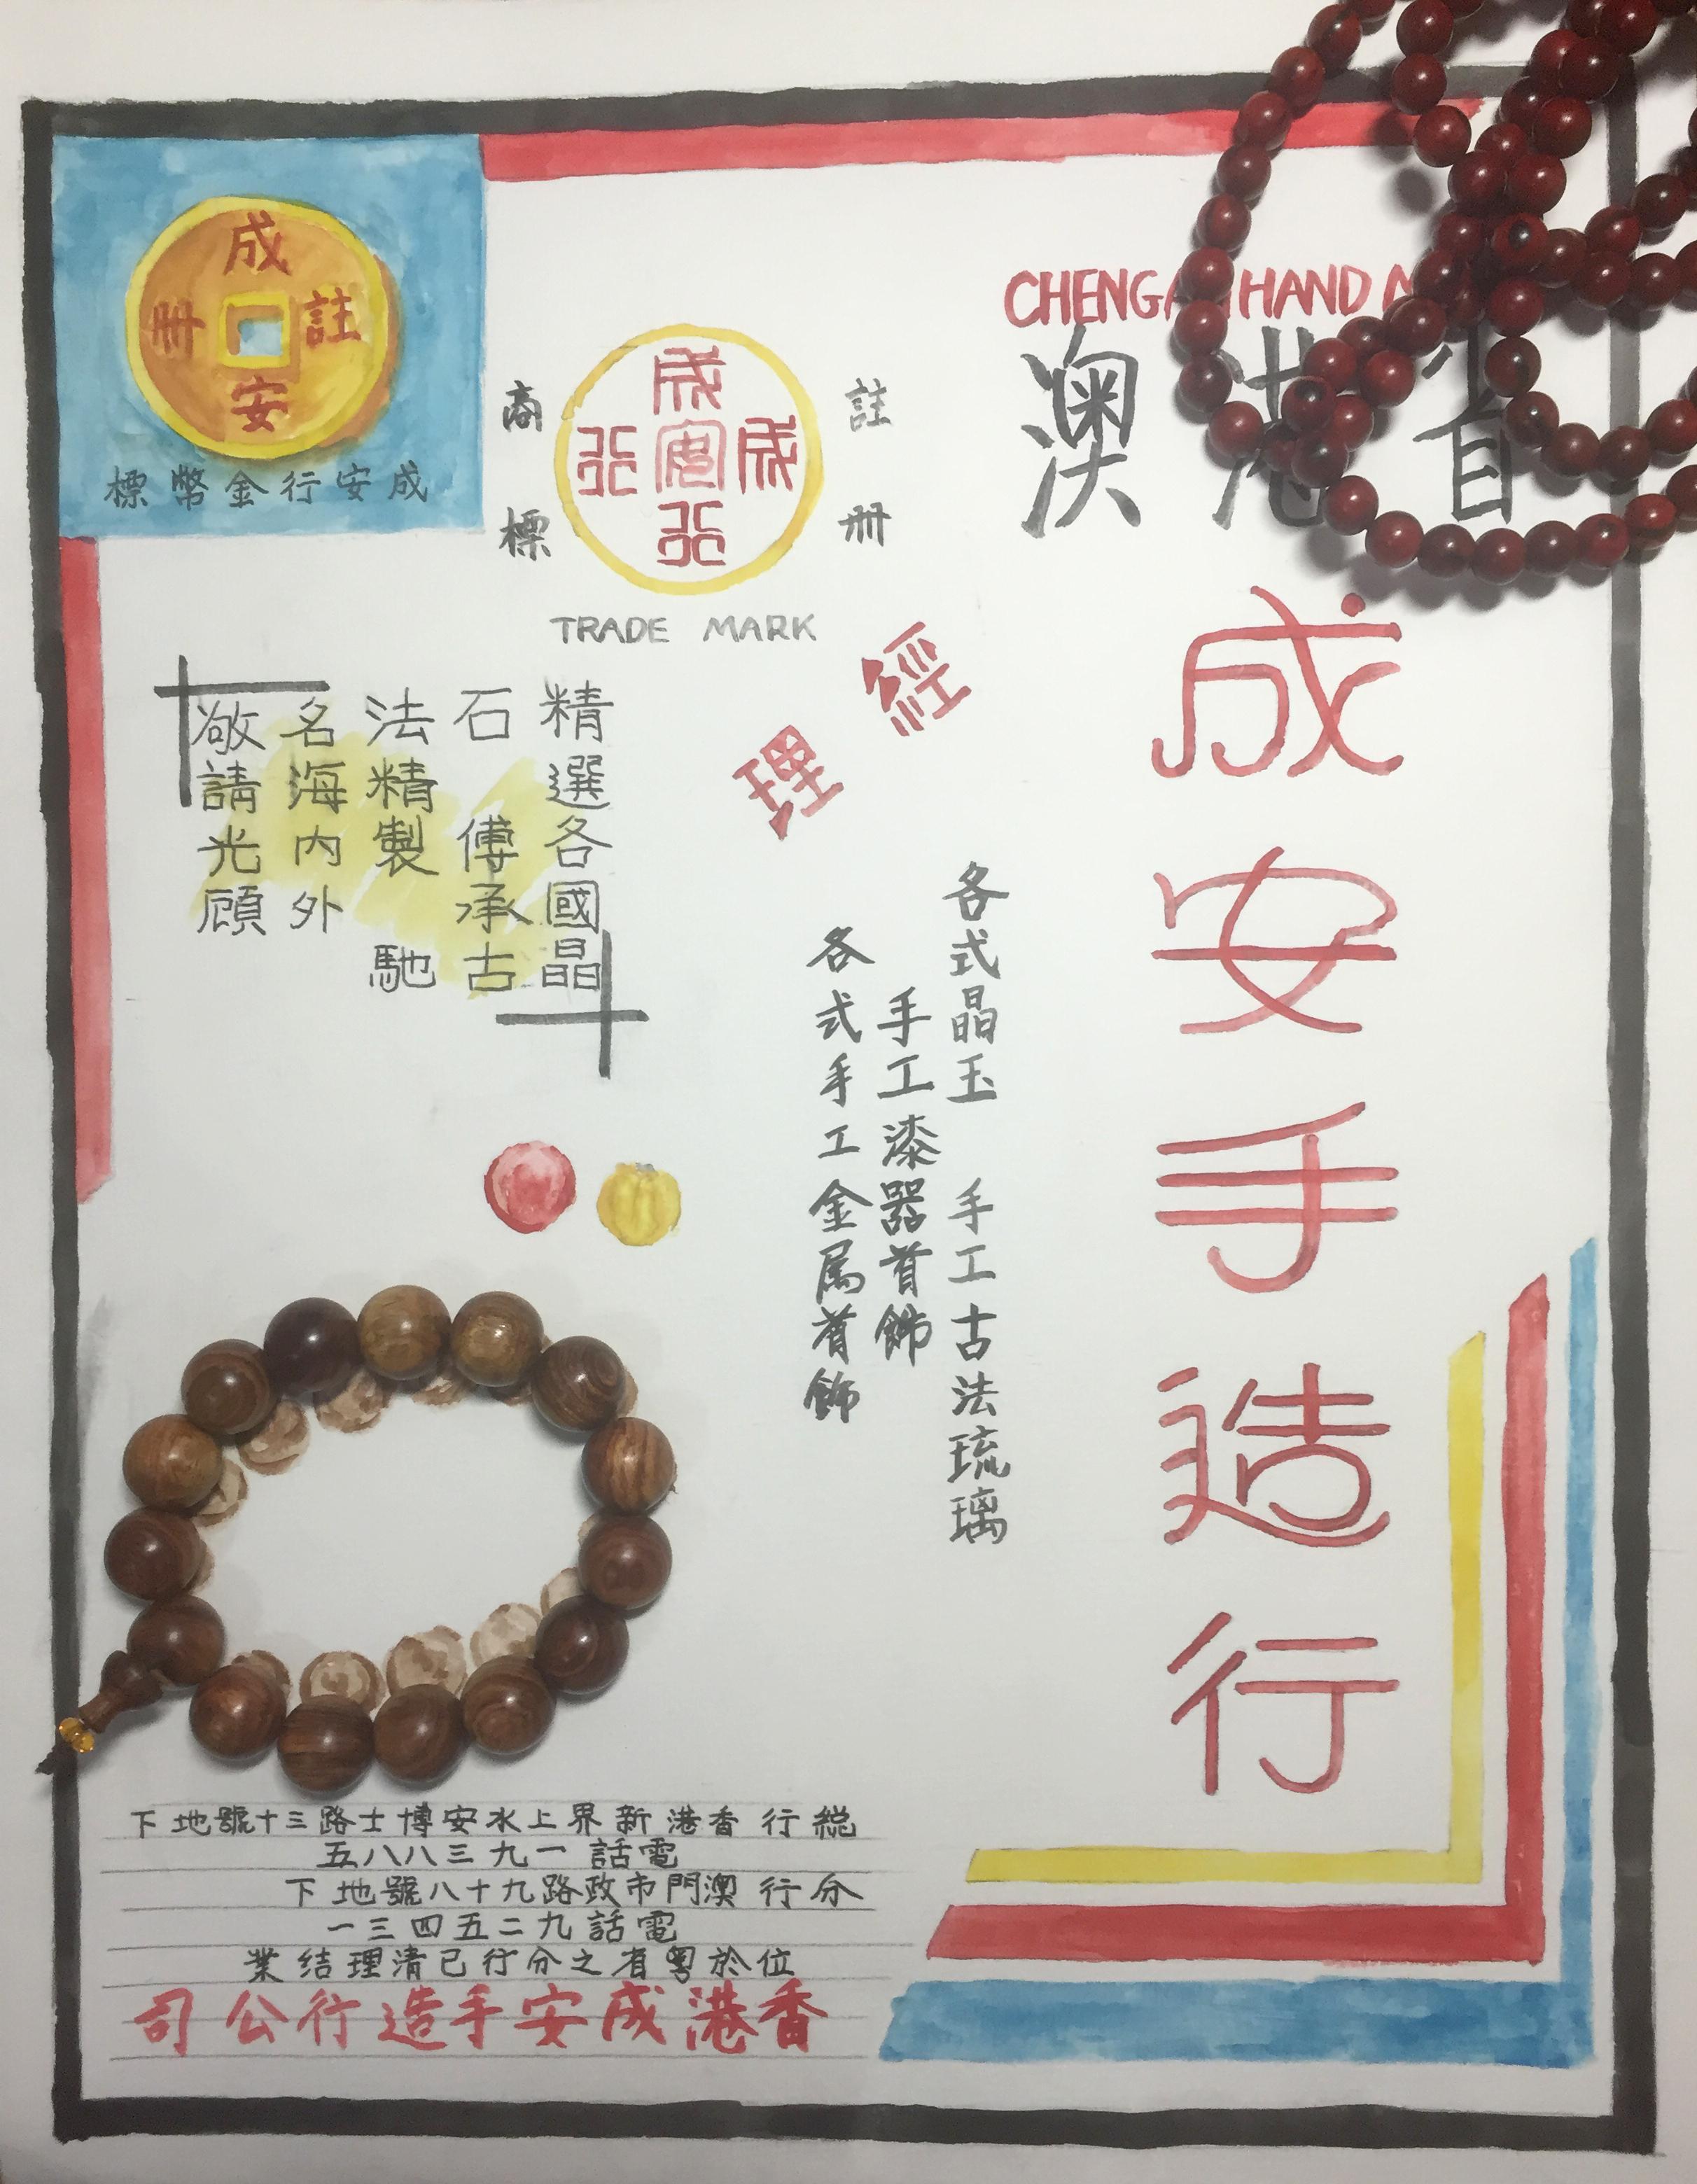 复古手绘海报|平面|海报|陈陈大柚子 - 原创作品